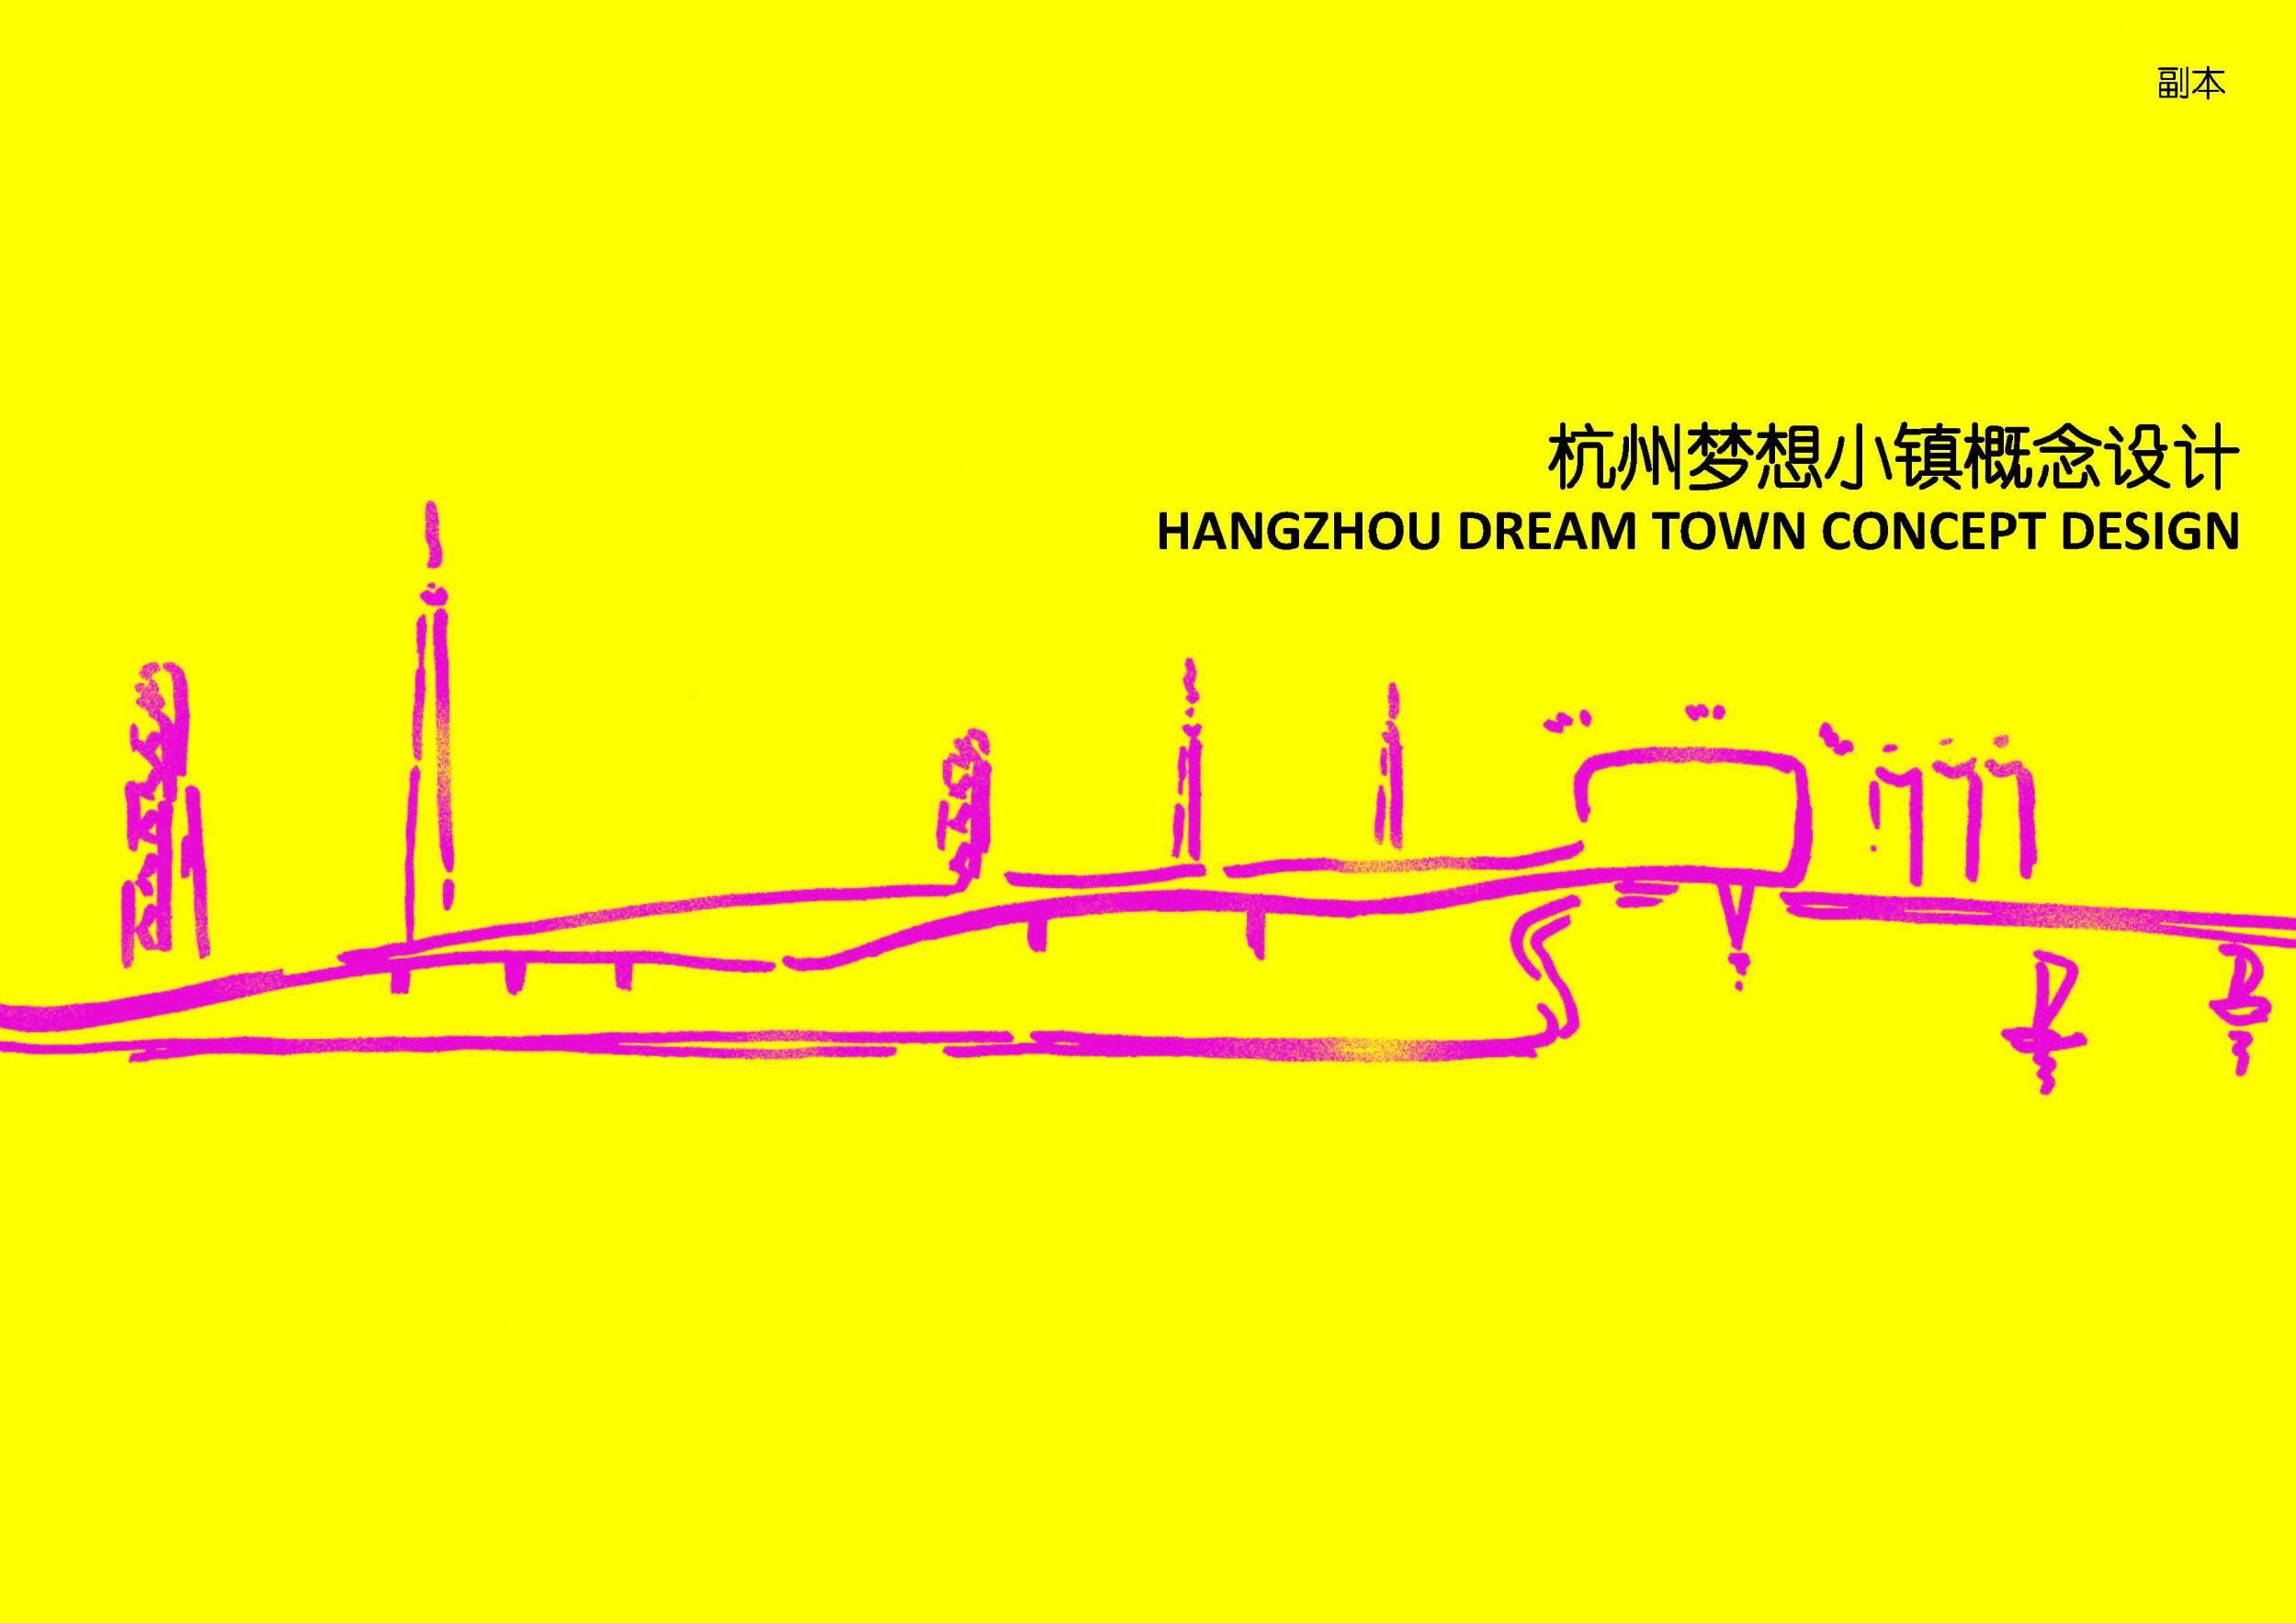 页面提取自-8杭州梦想小镇(荷兰NITA设计集团).pdf_页面_1.jpg